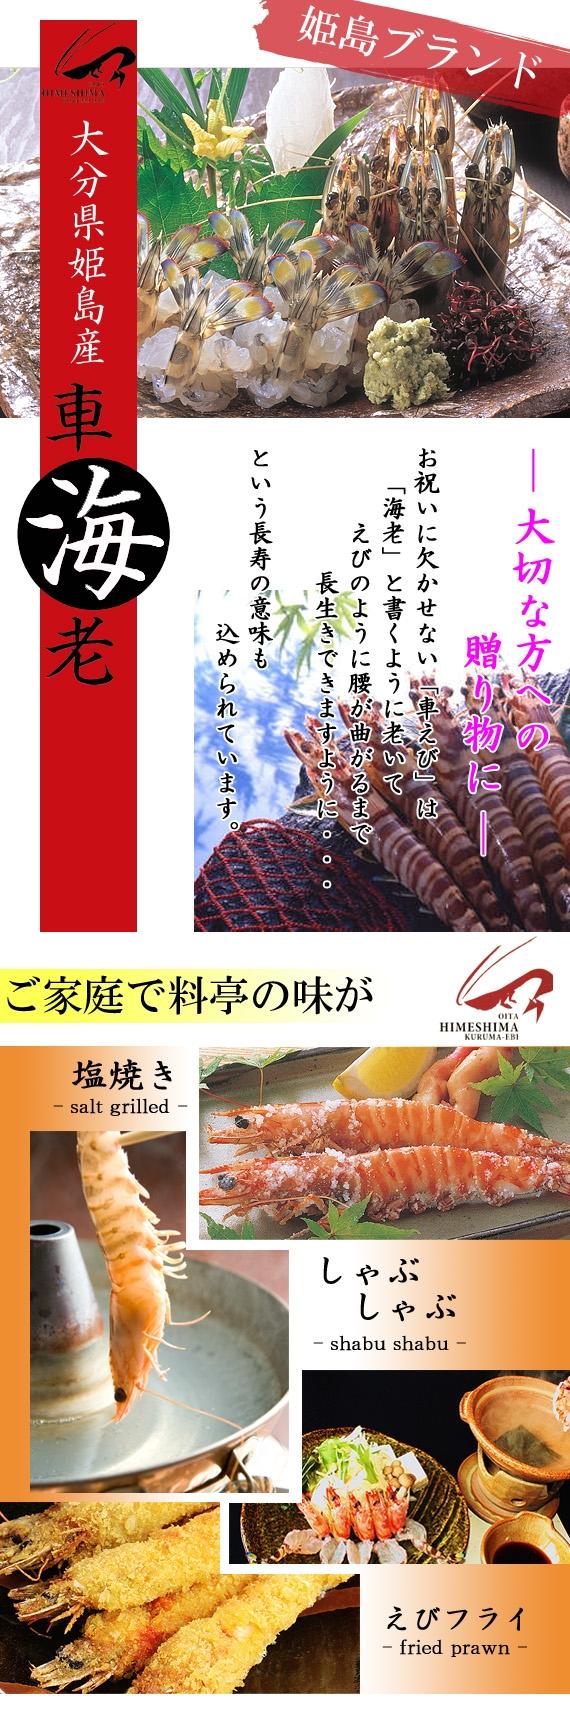 【送料無料】お刺身でも食べられる! 姫島ブランド 活〆車えび 400g(約12〜26尾)【エビ】